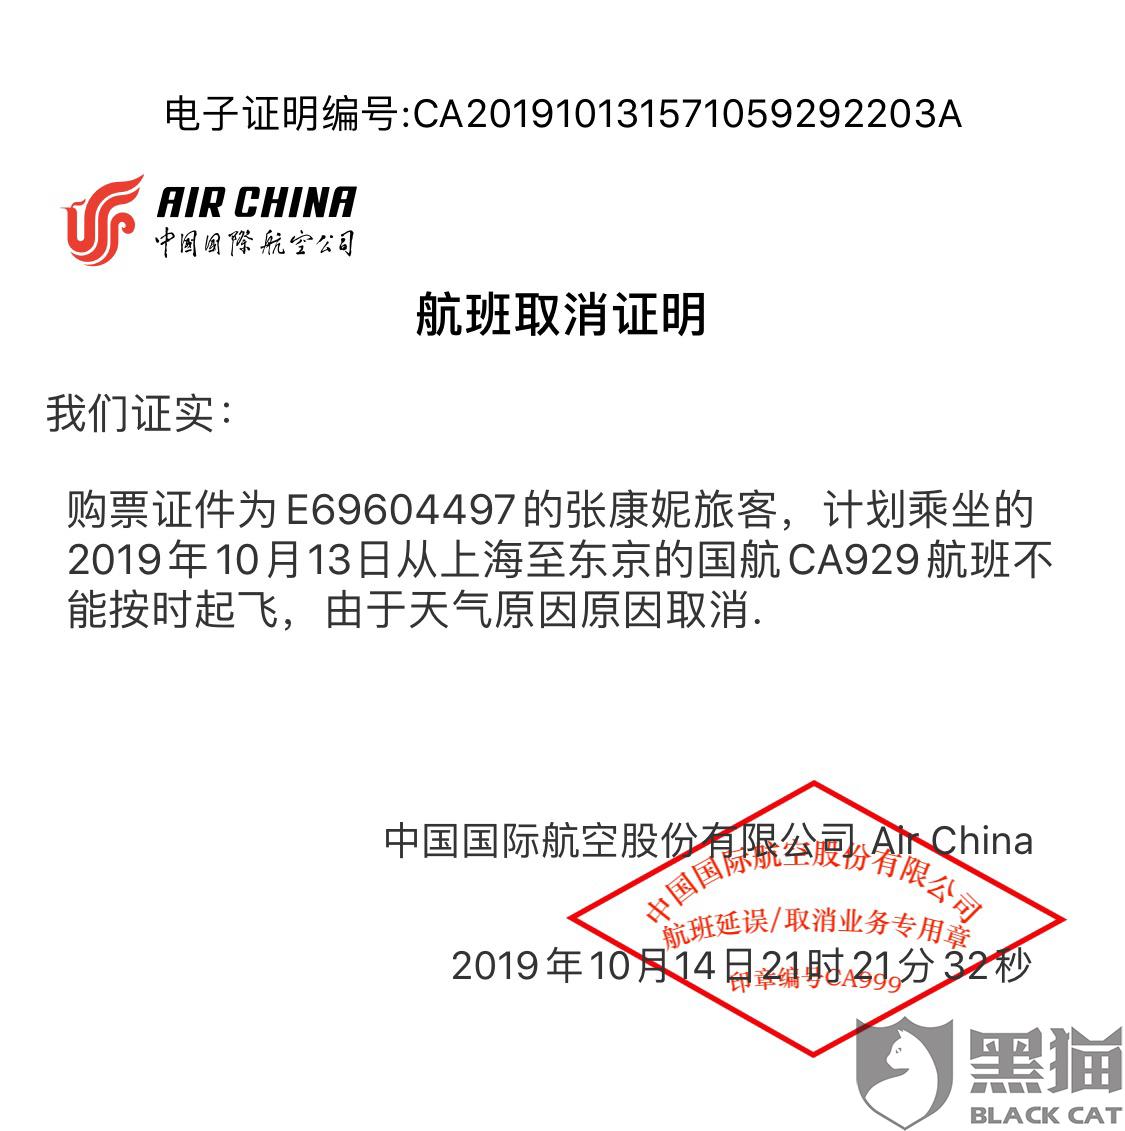 黑猫投诉:天津中通国际旅行社无法对迪士尼门票改期或退款